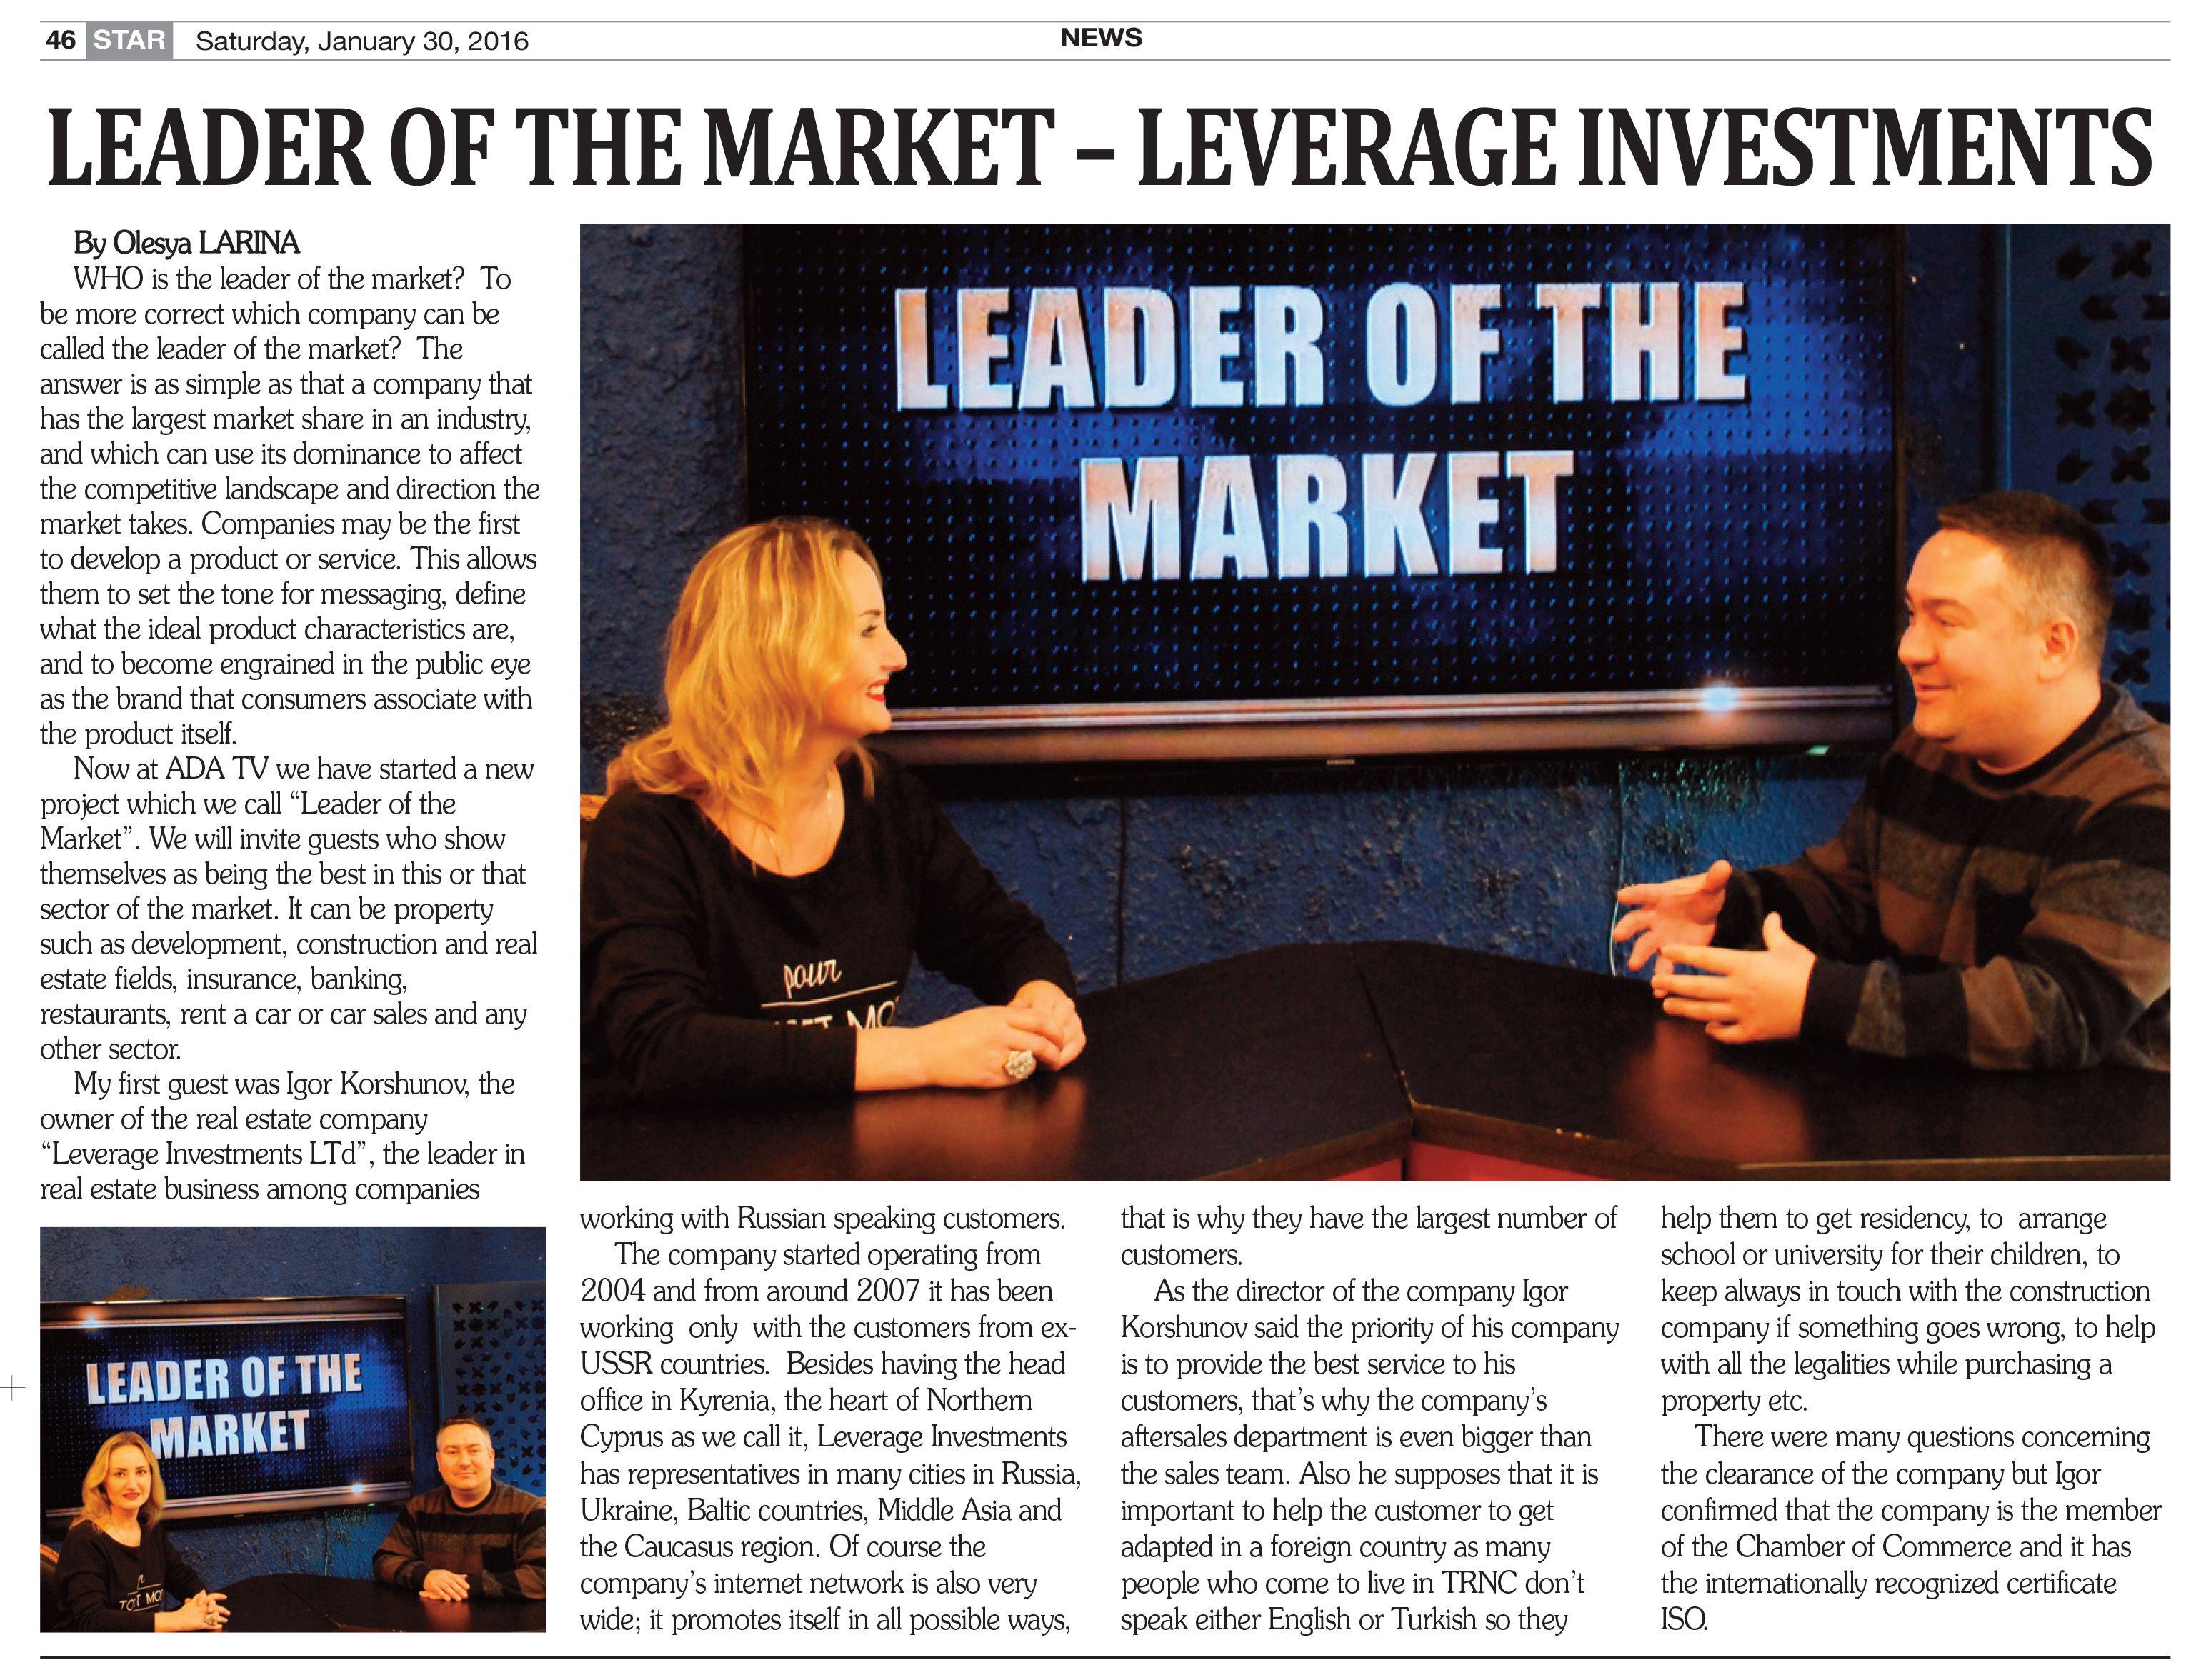 Газета Cyprus Star о лидерах рынка недвижимости Северного Кипра